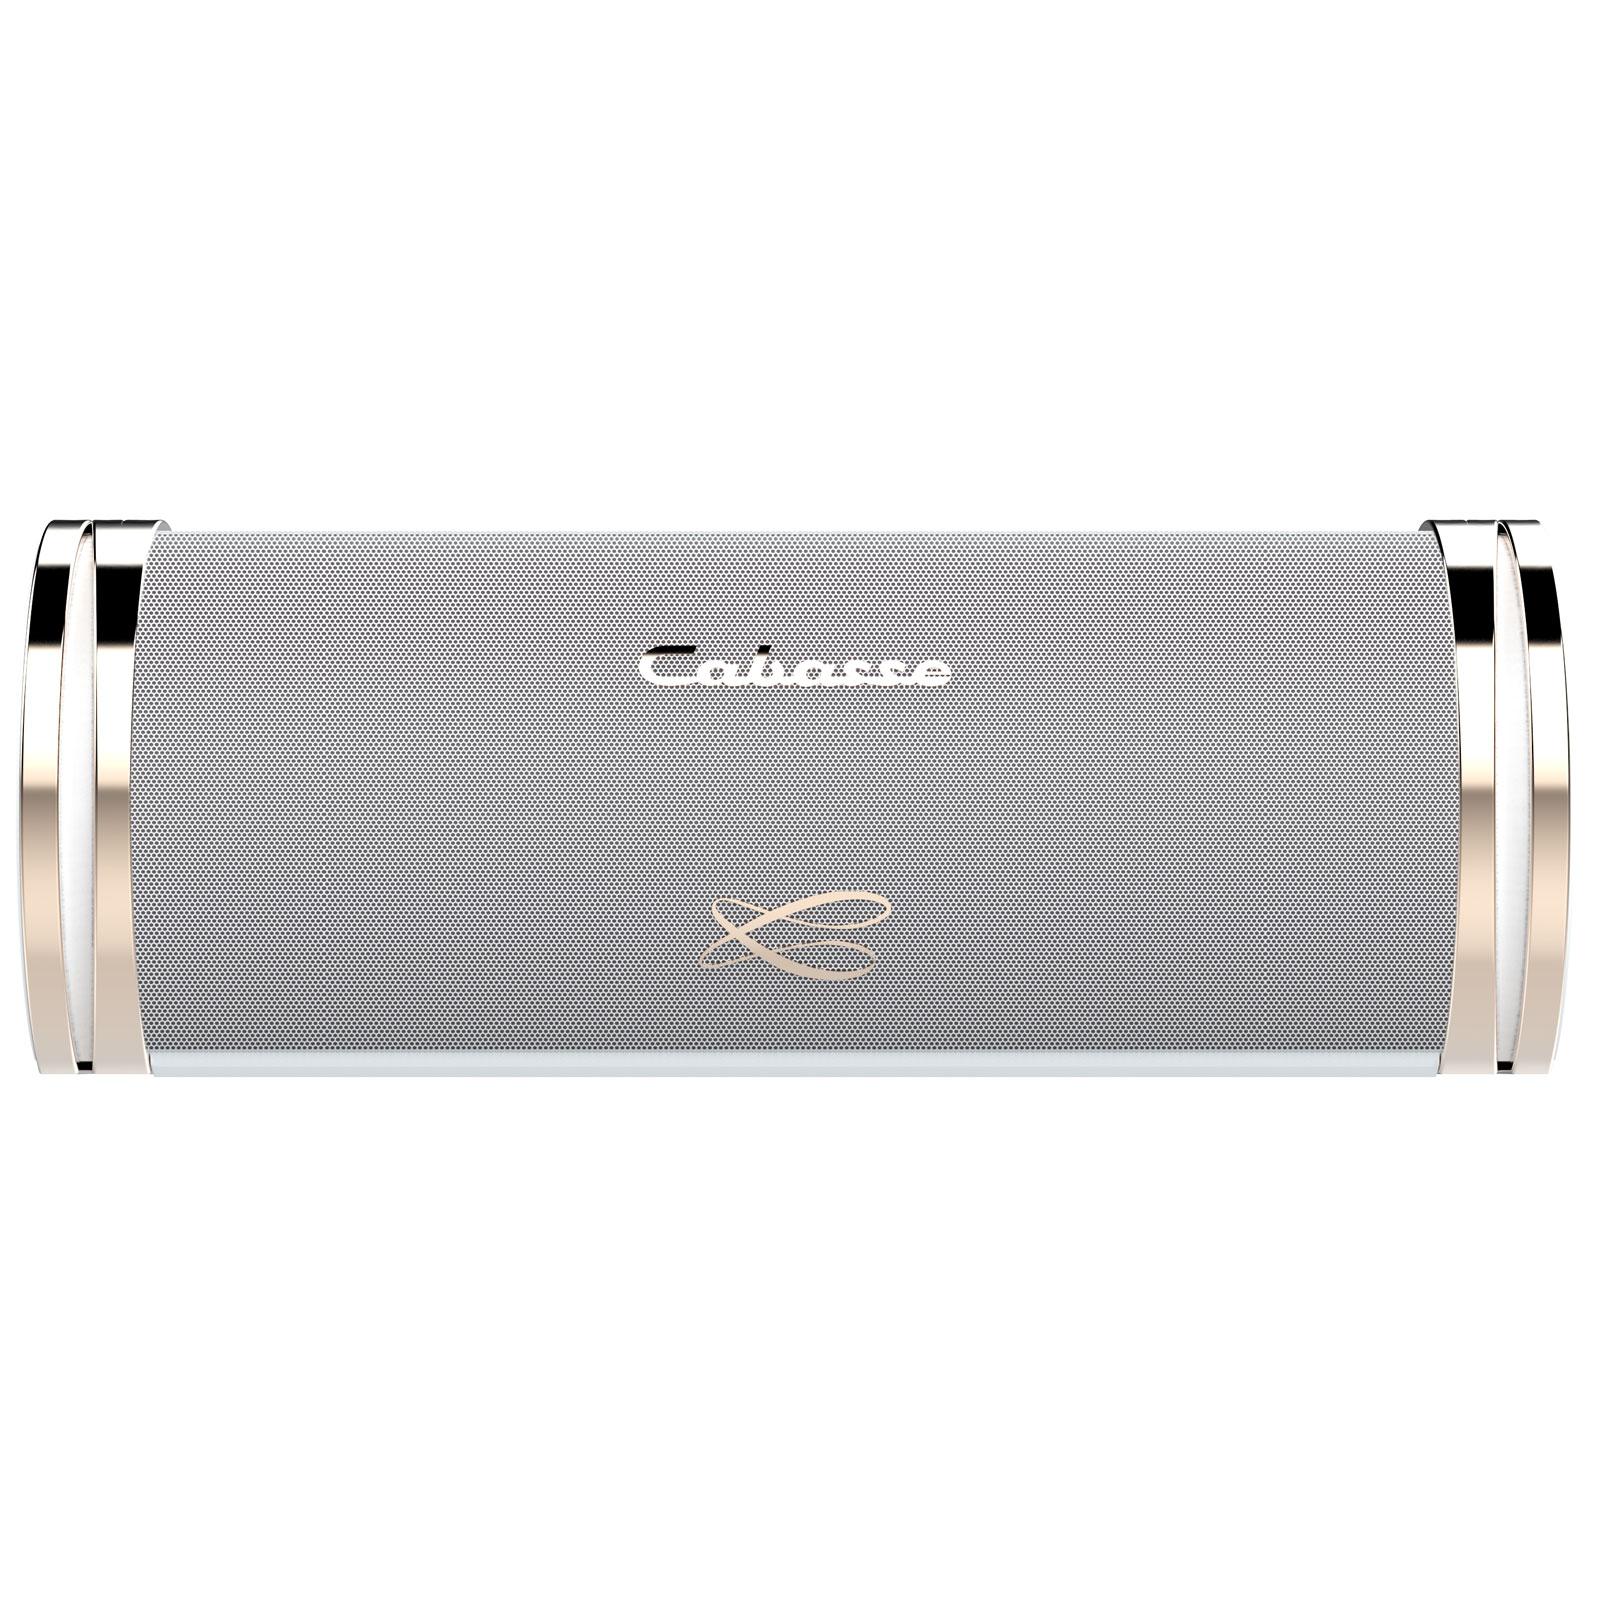 Dock & Enceinte Bluetooth Cabasse Swell Blanc Enceinte portable sans fil haute-fidélité Bluetooth et NFC